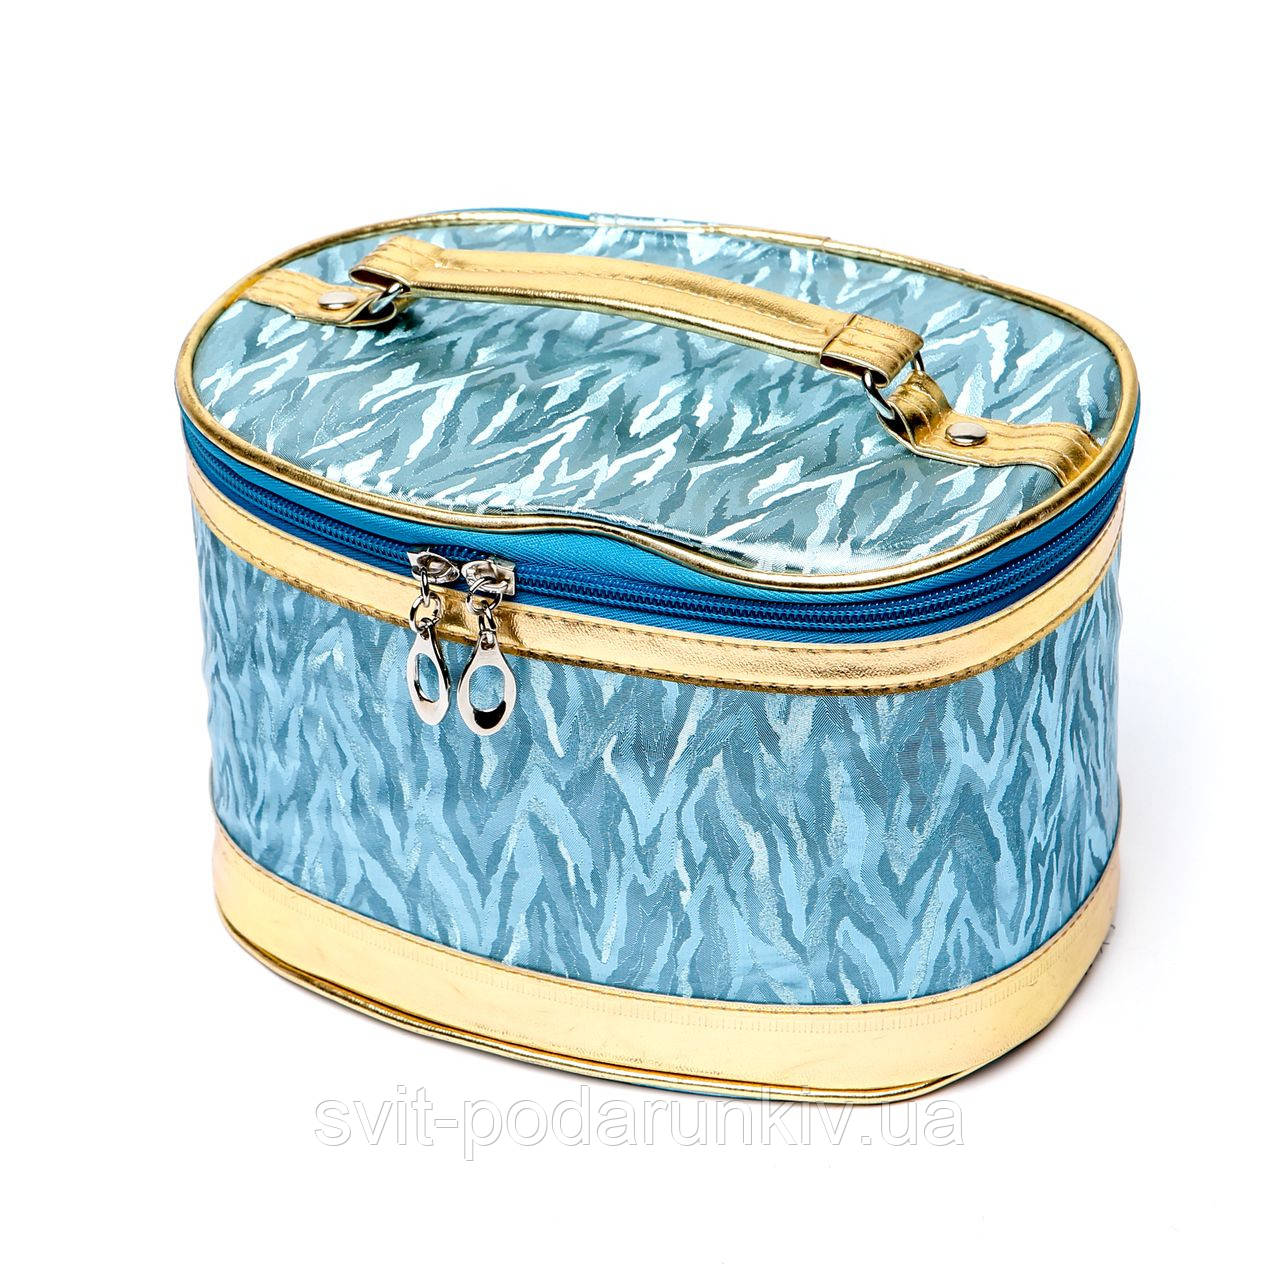 Модные косметички большие голубые с каймой под золото 3 шт в наборе S2